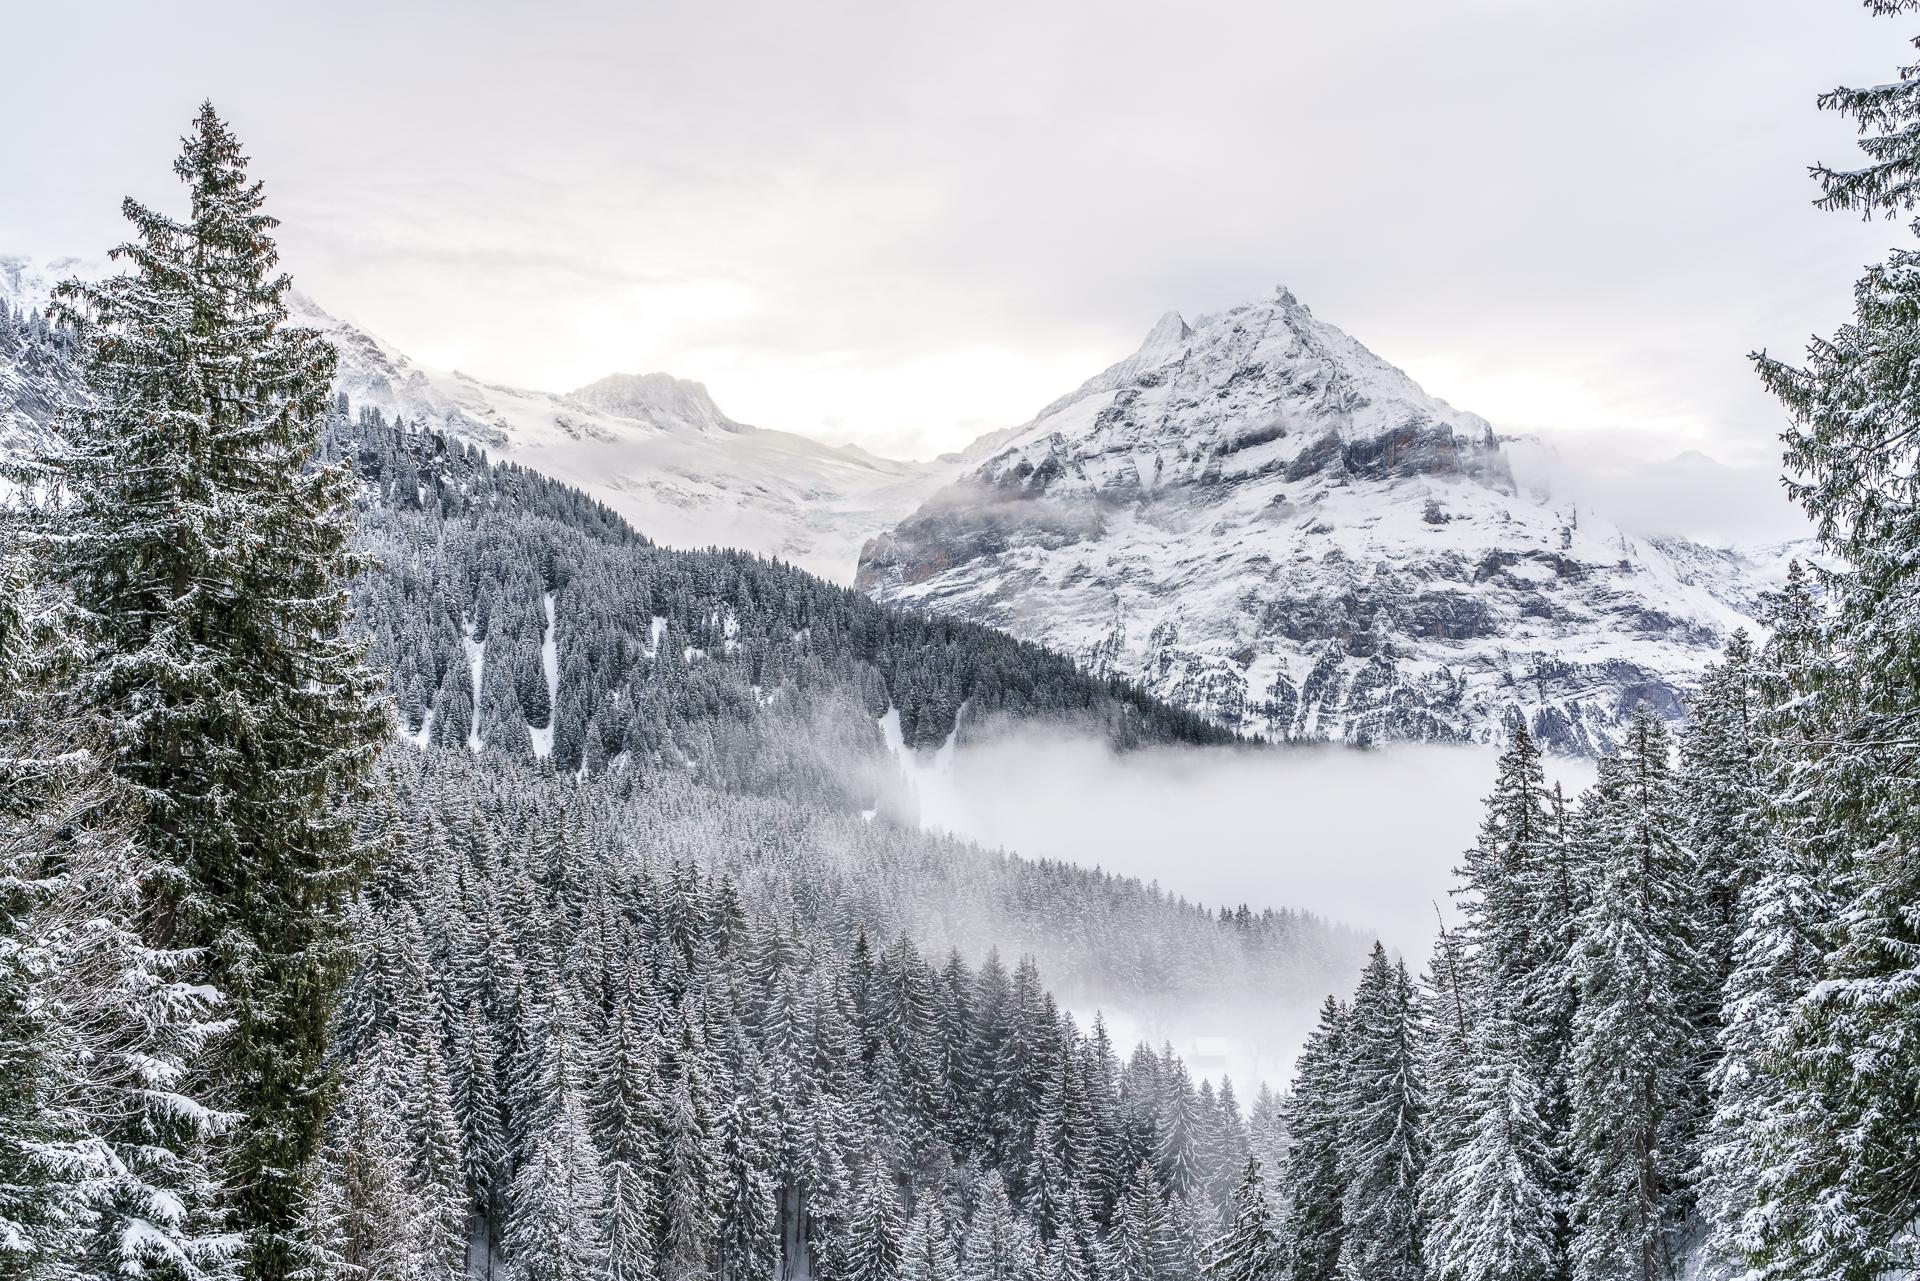 Wetterhorn Grindelwald